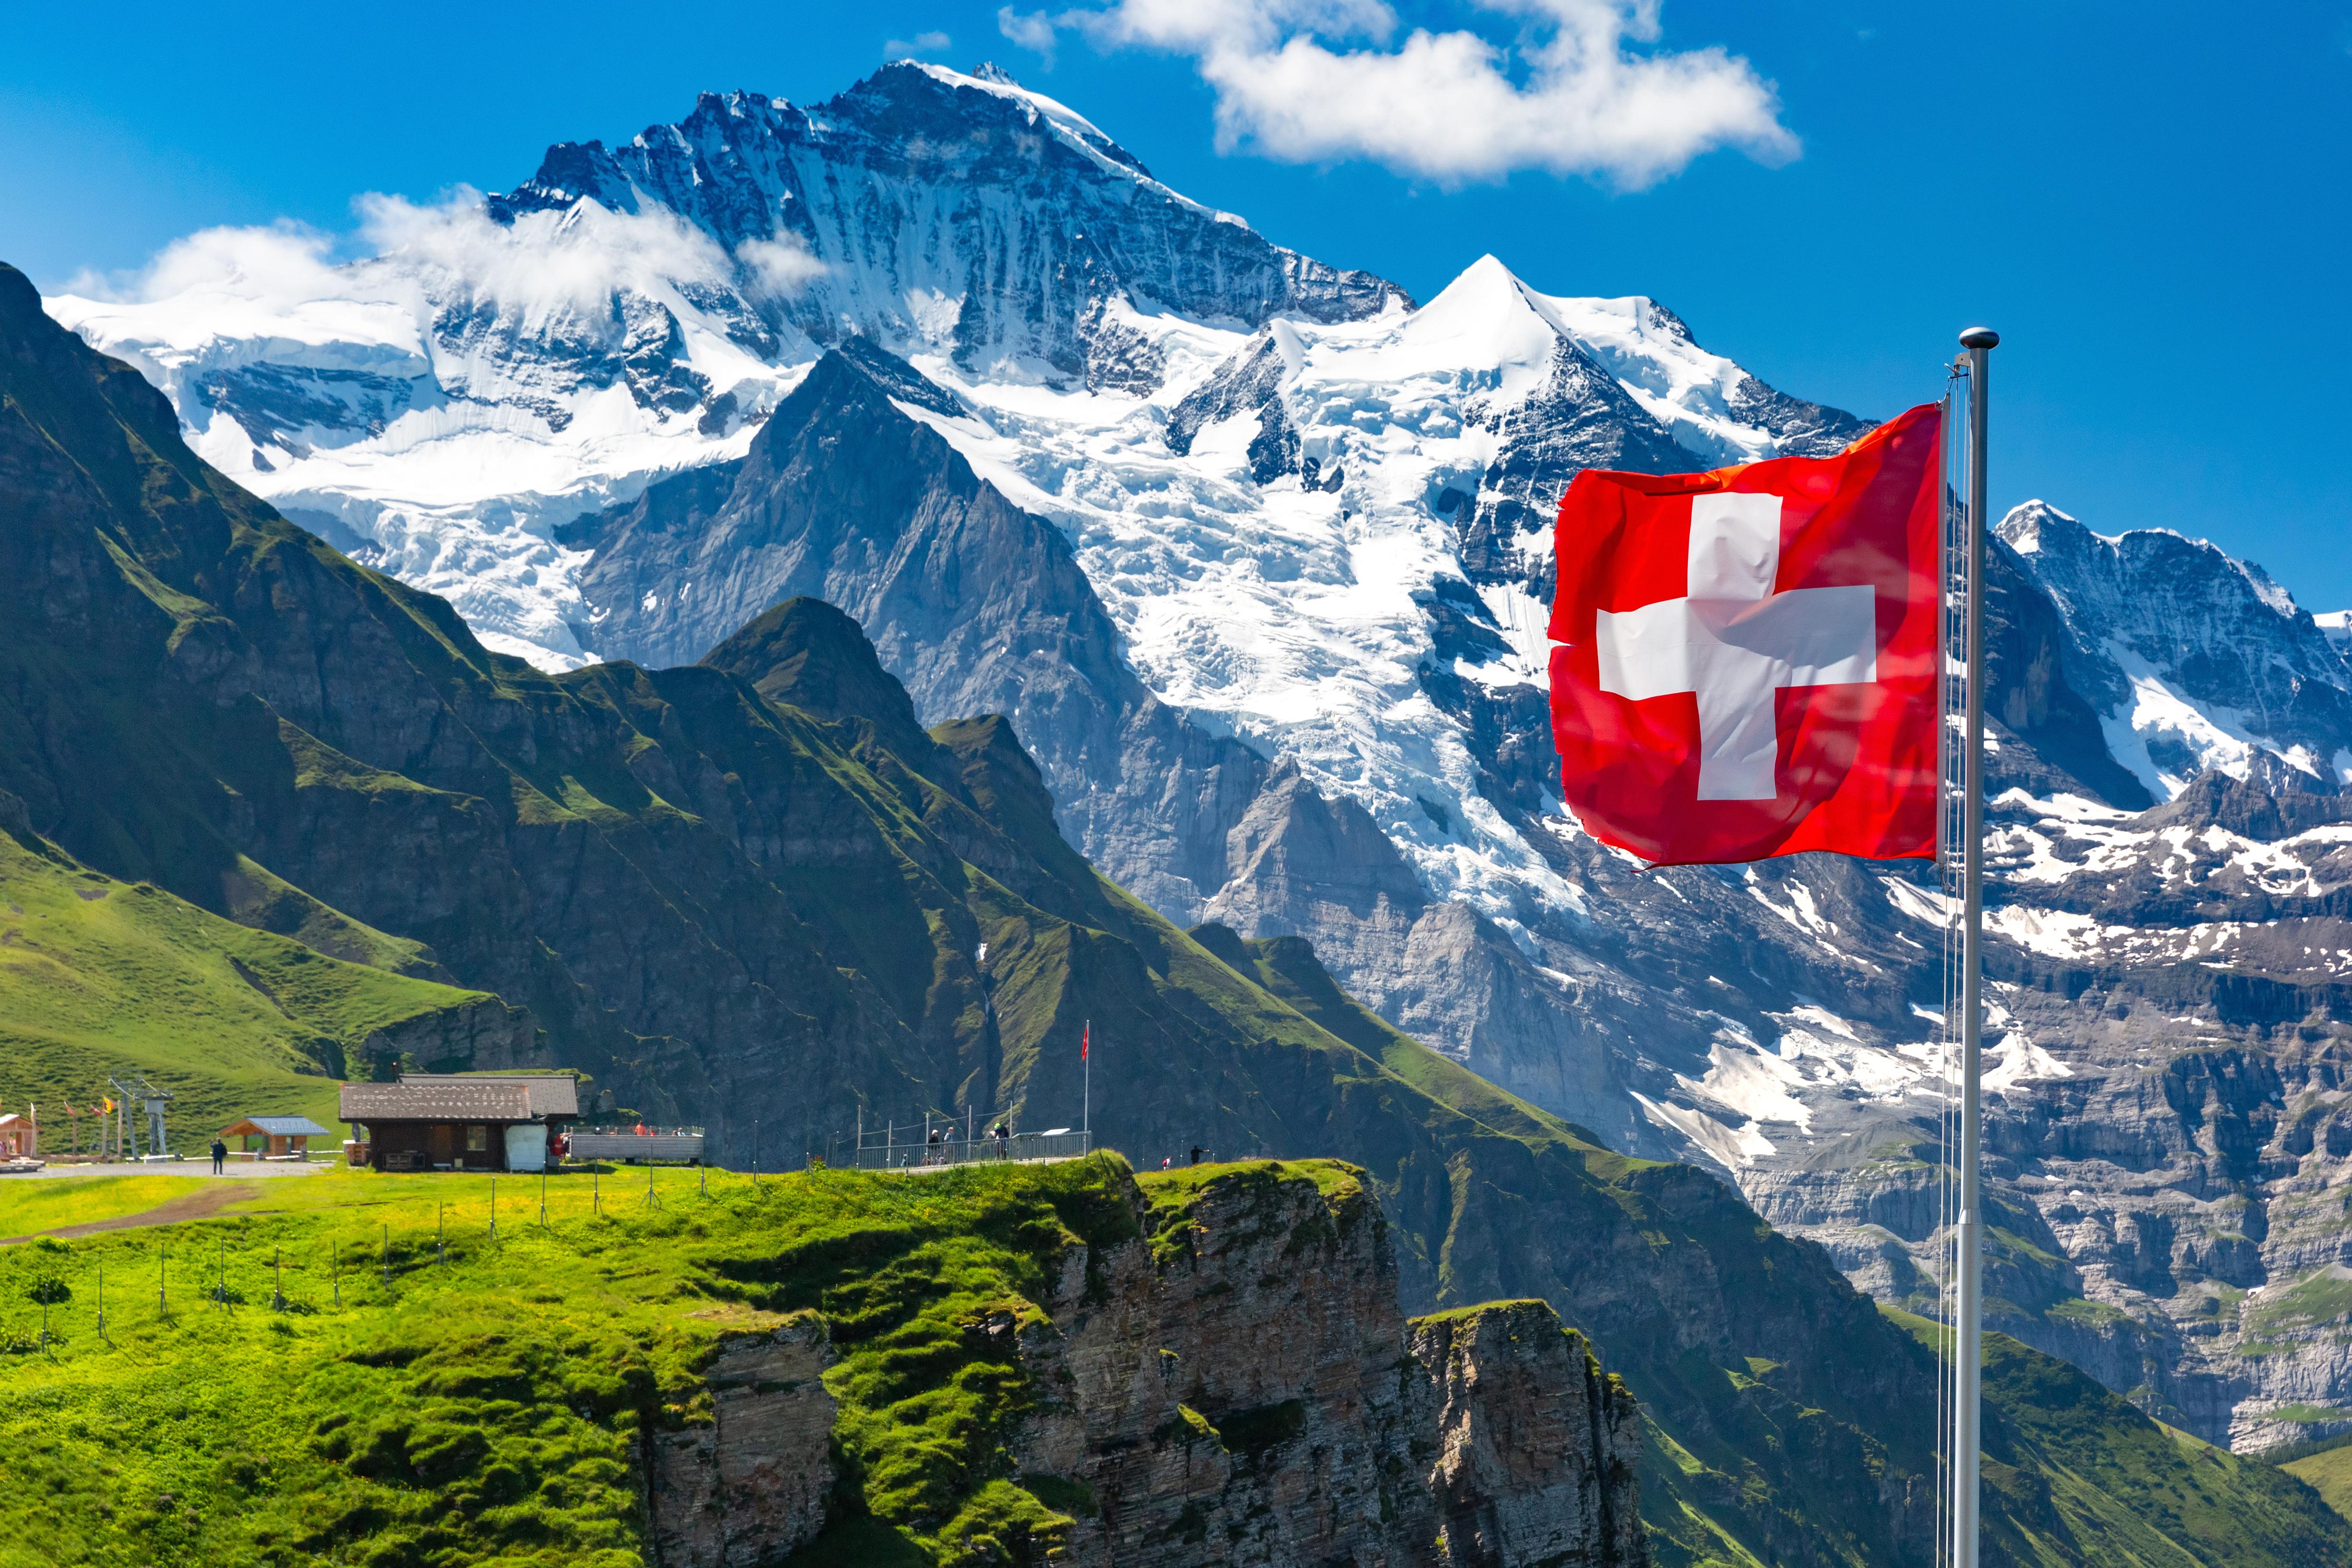 Флаг на фоне гор в Швейцарии, ПМЖ которой могут получить россияне, украинцы и белорусы